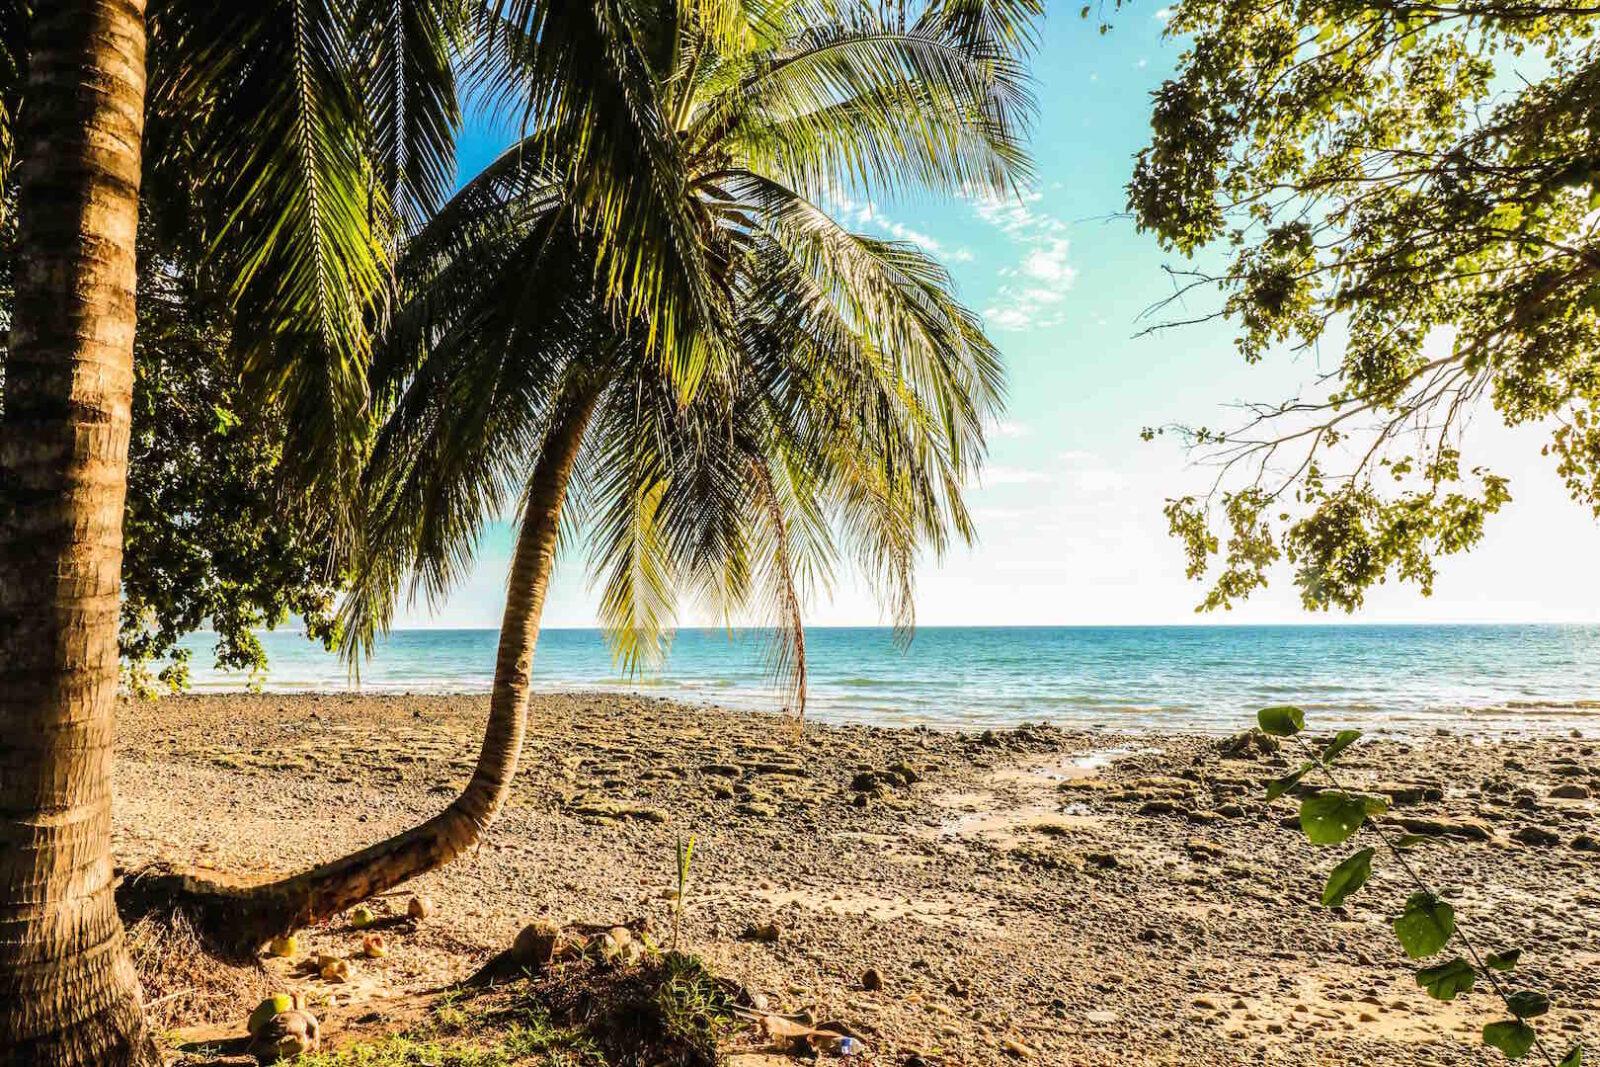 Visita la pagina italianbackpacker per visualizzare le foto dell isola di tioman